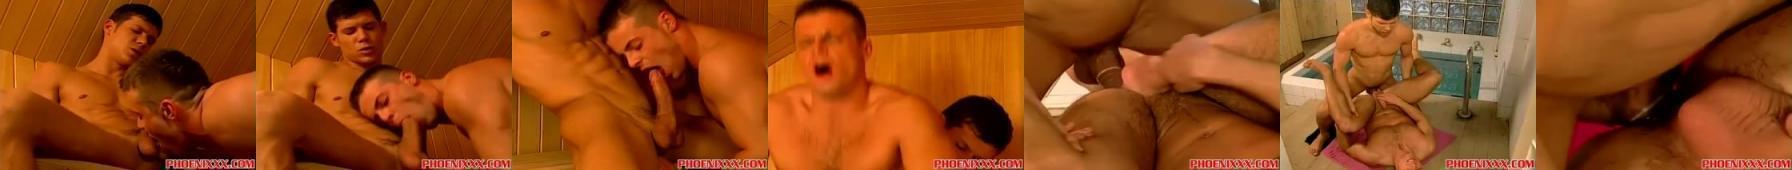 Szybki numerek w saunie